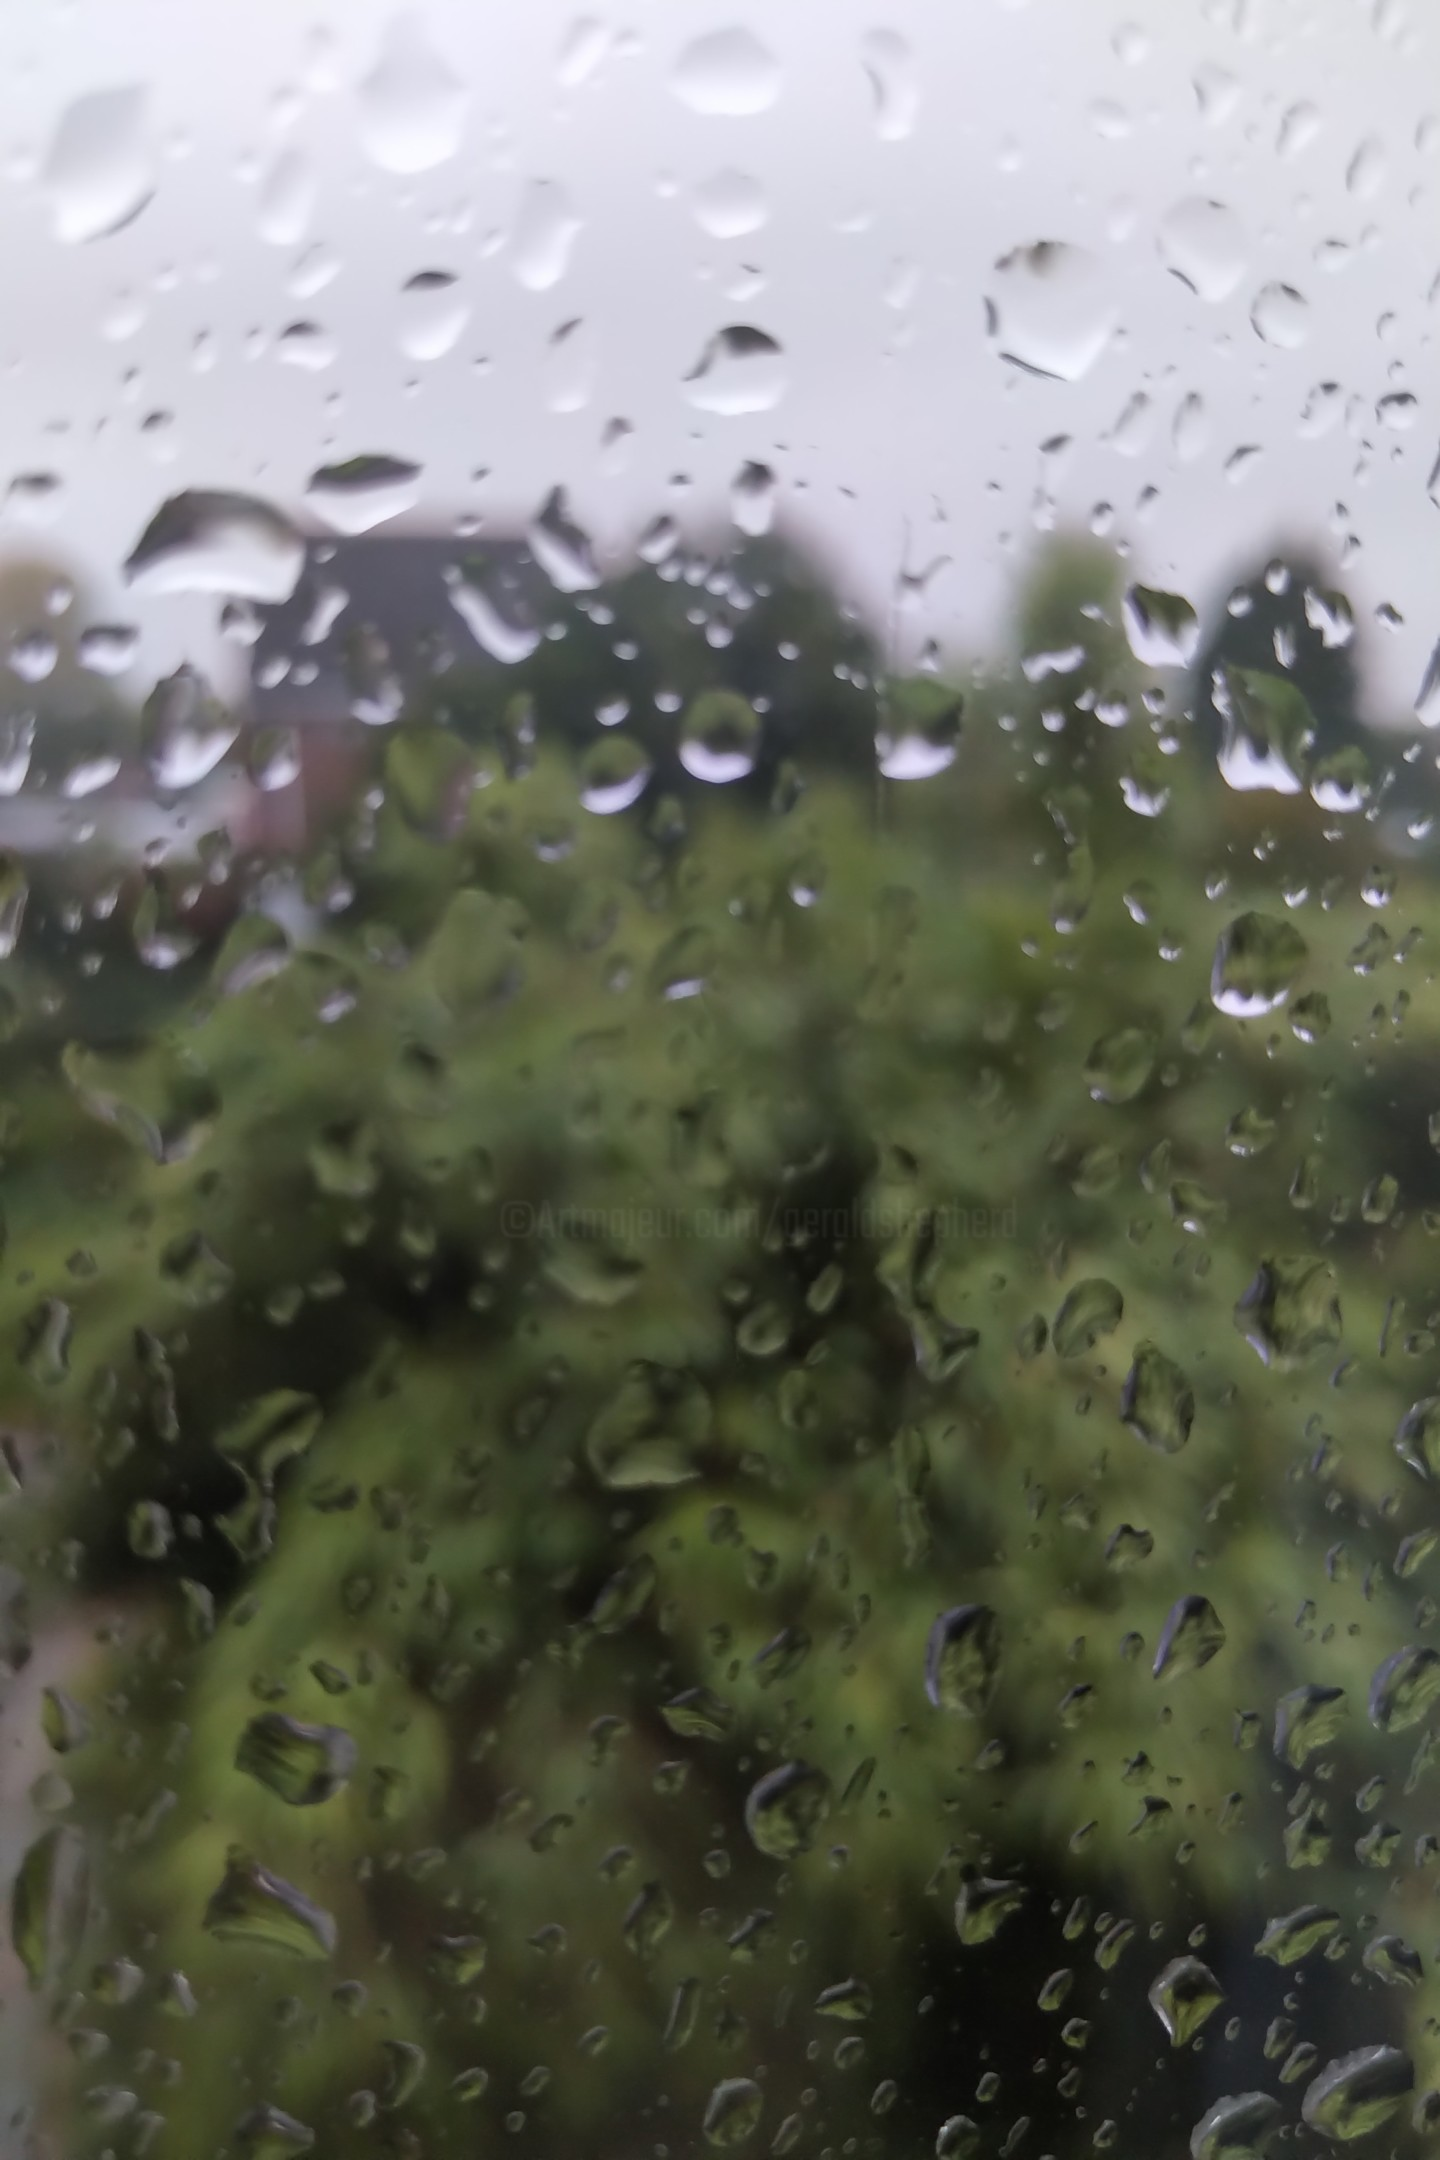 Gerald Shepherd - Wet Window